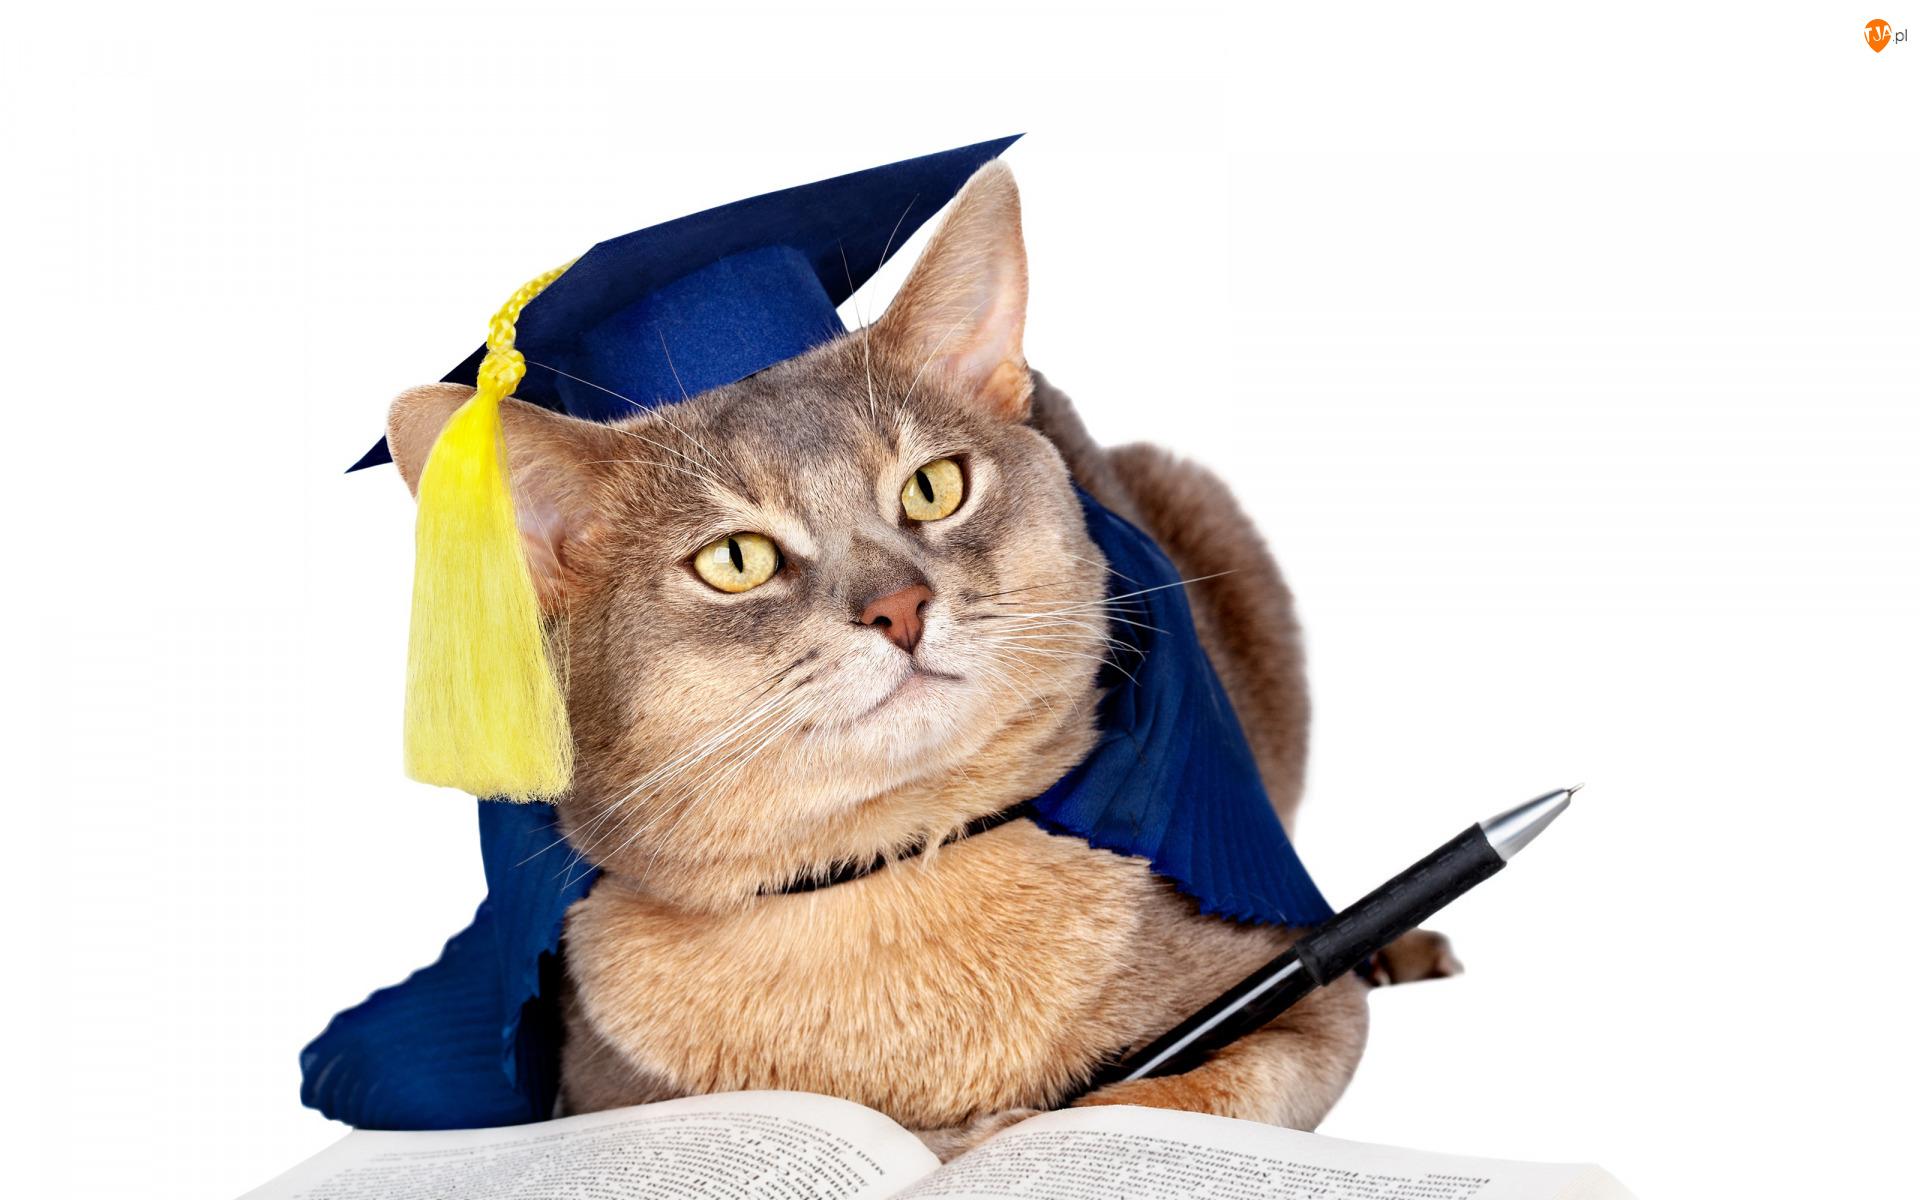 Kot, Śmieszny, Długopis, Tło białe, Uczeń, Książka